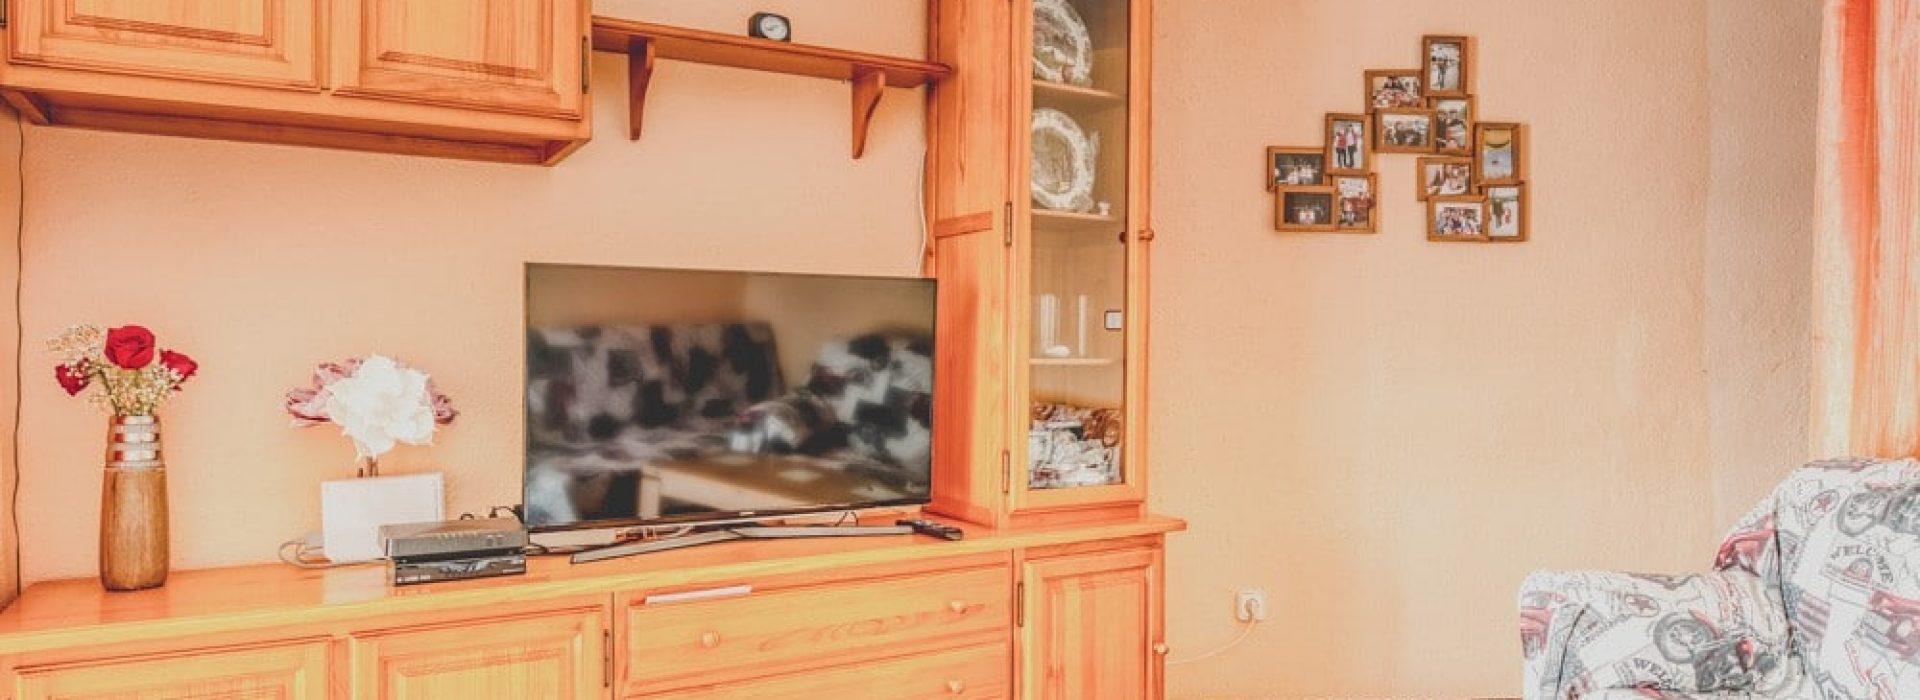 apartament-w-centrum-benidorm-tylko-150-metrow-od-plazy-4-24436